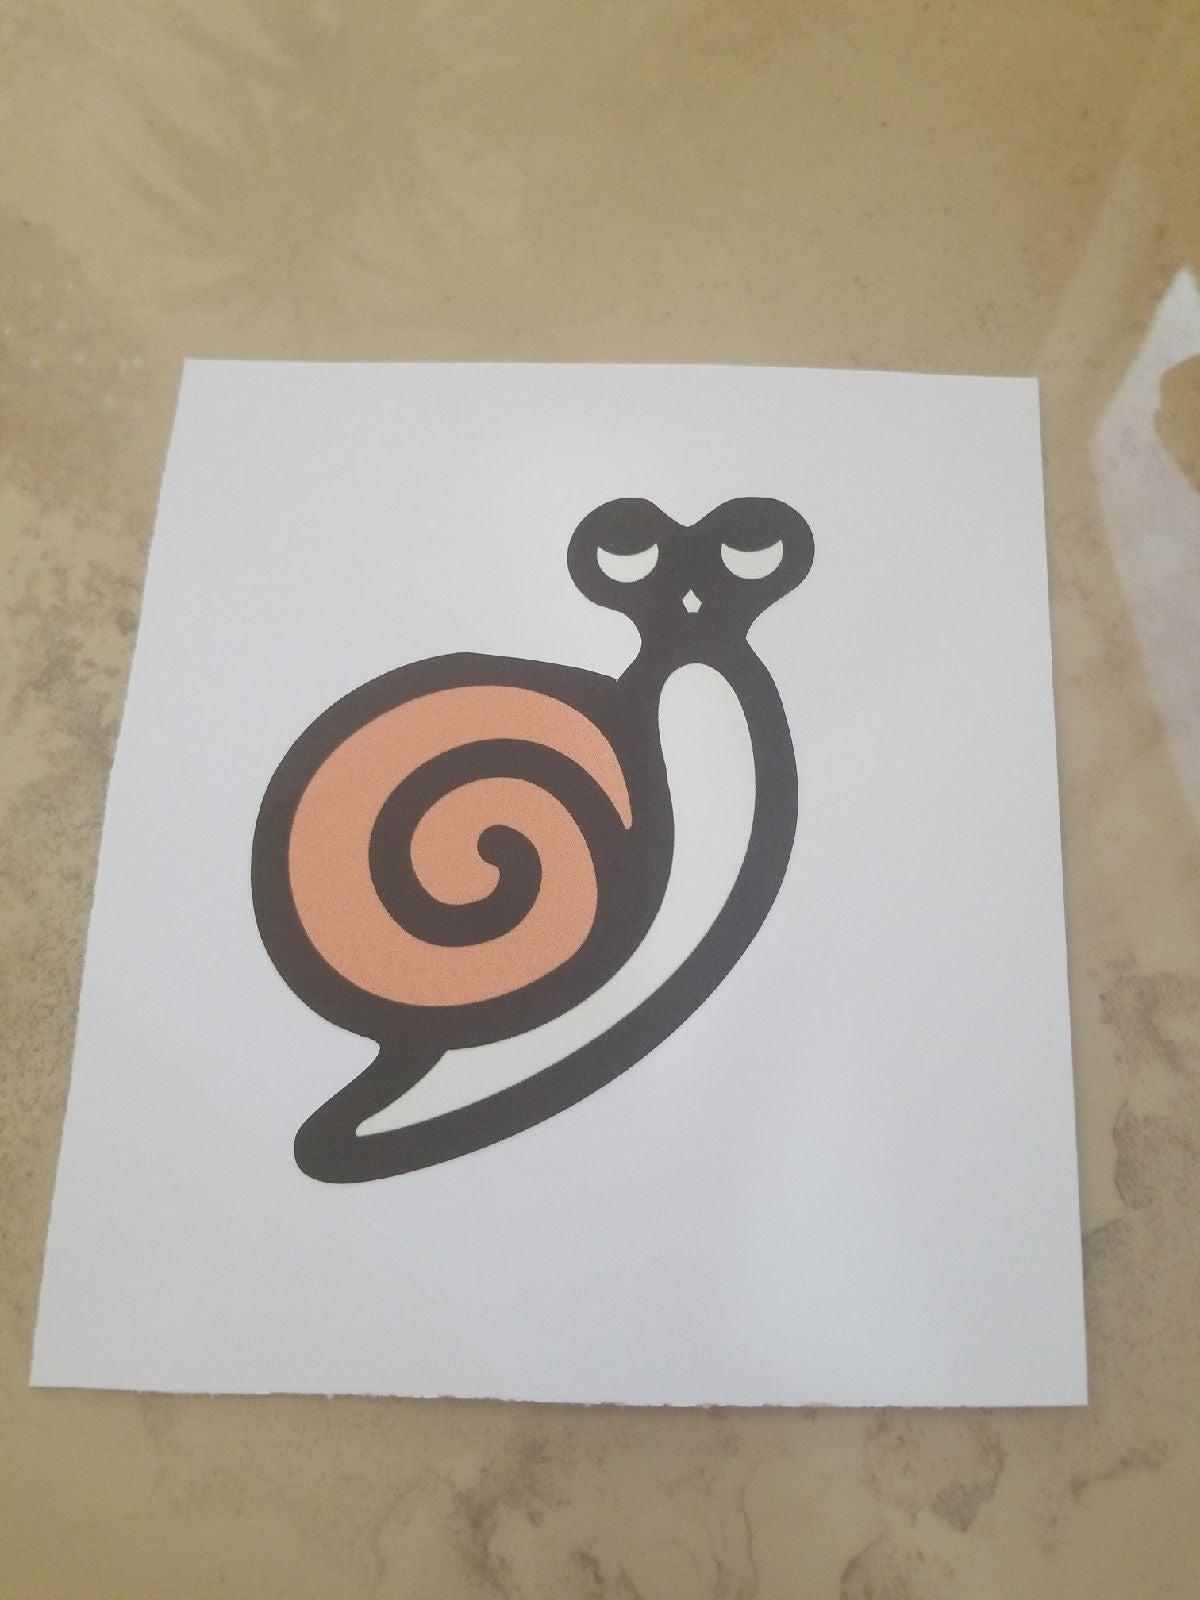 Snail Vinyl reusable Decal/sticker